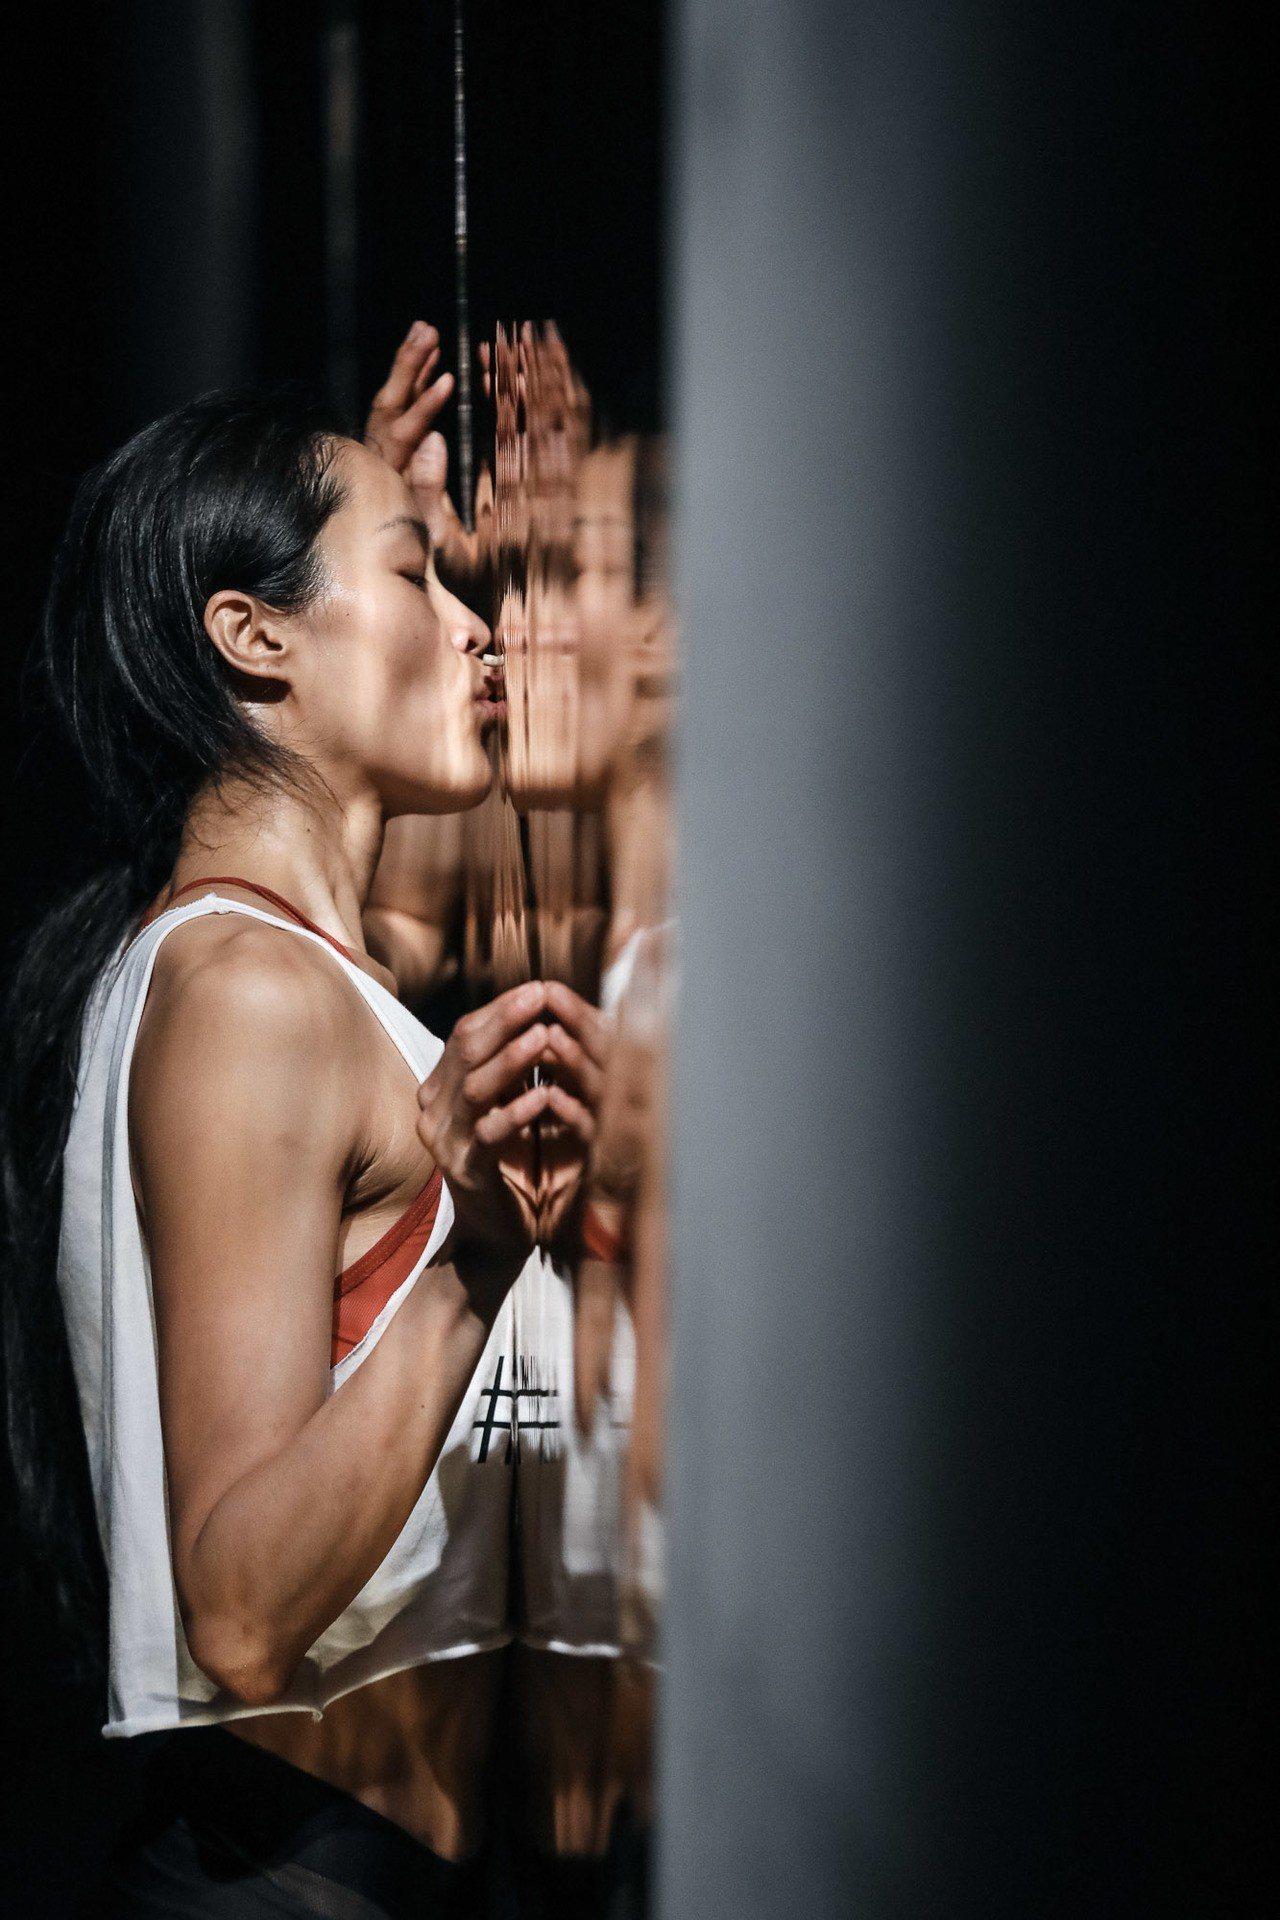 李貞葳透過舞作《不要臉》反思自拍現象。圖/國家兩廳院提供